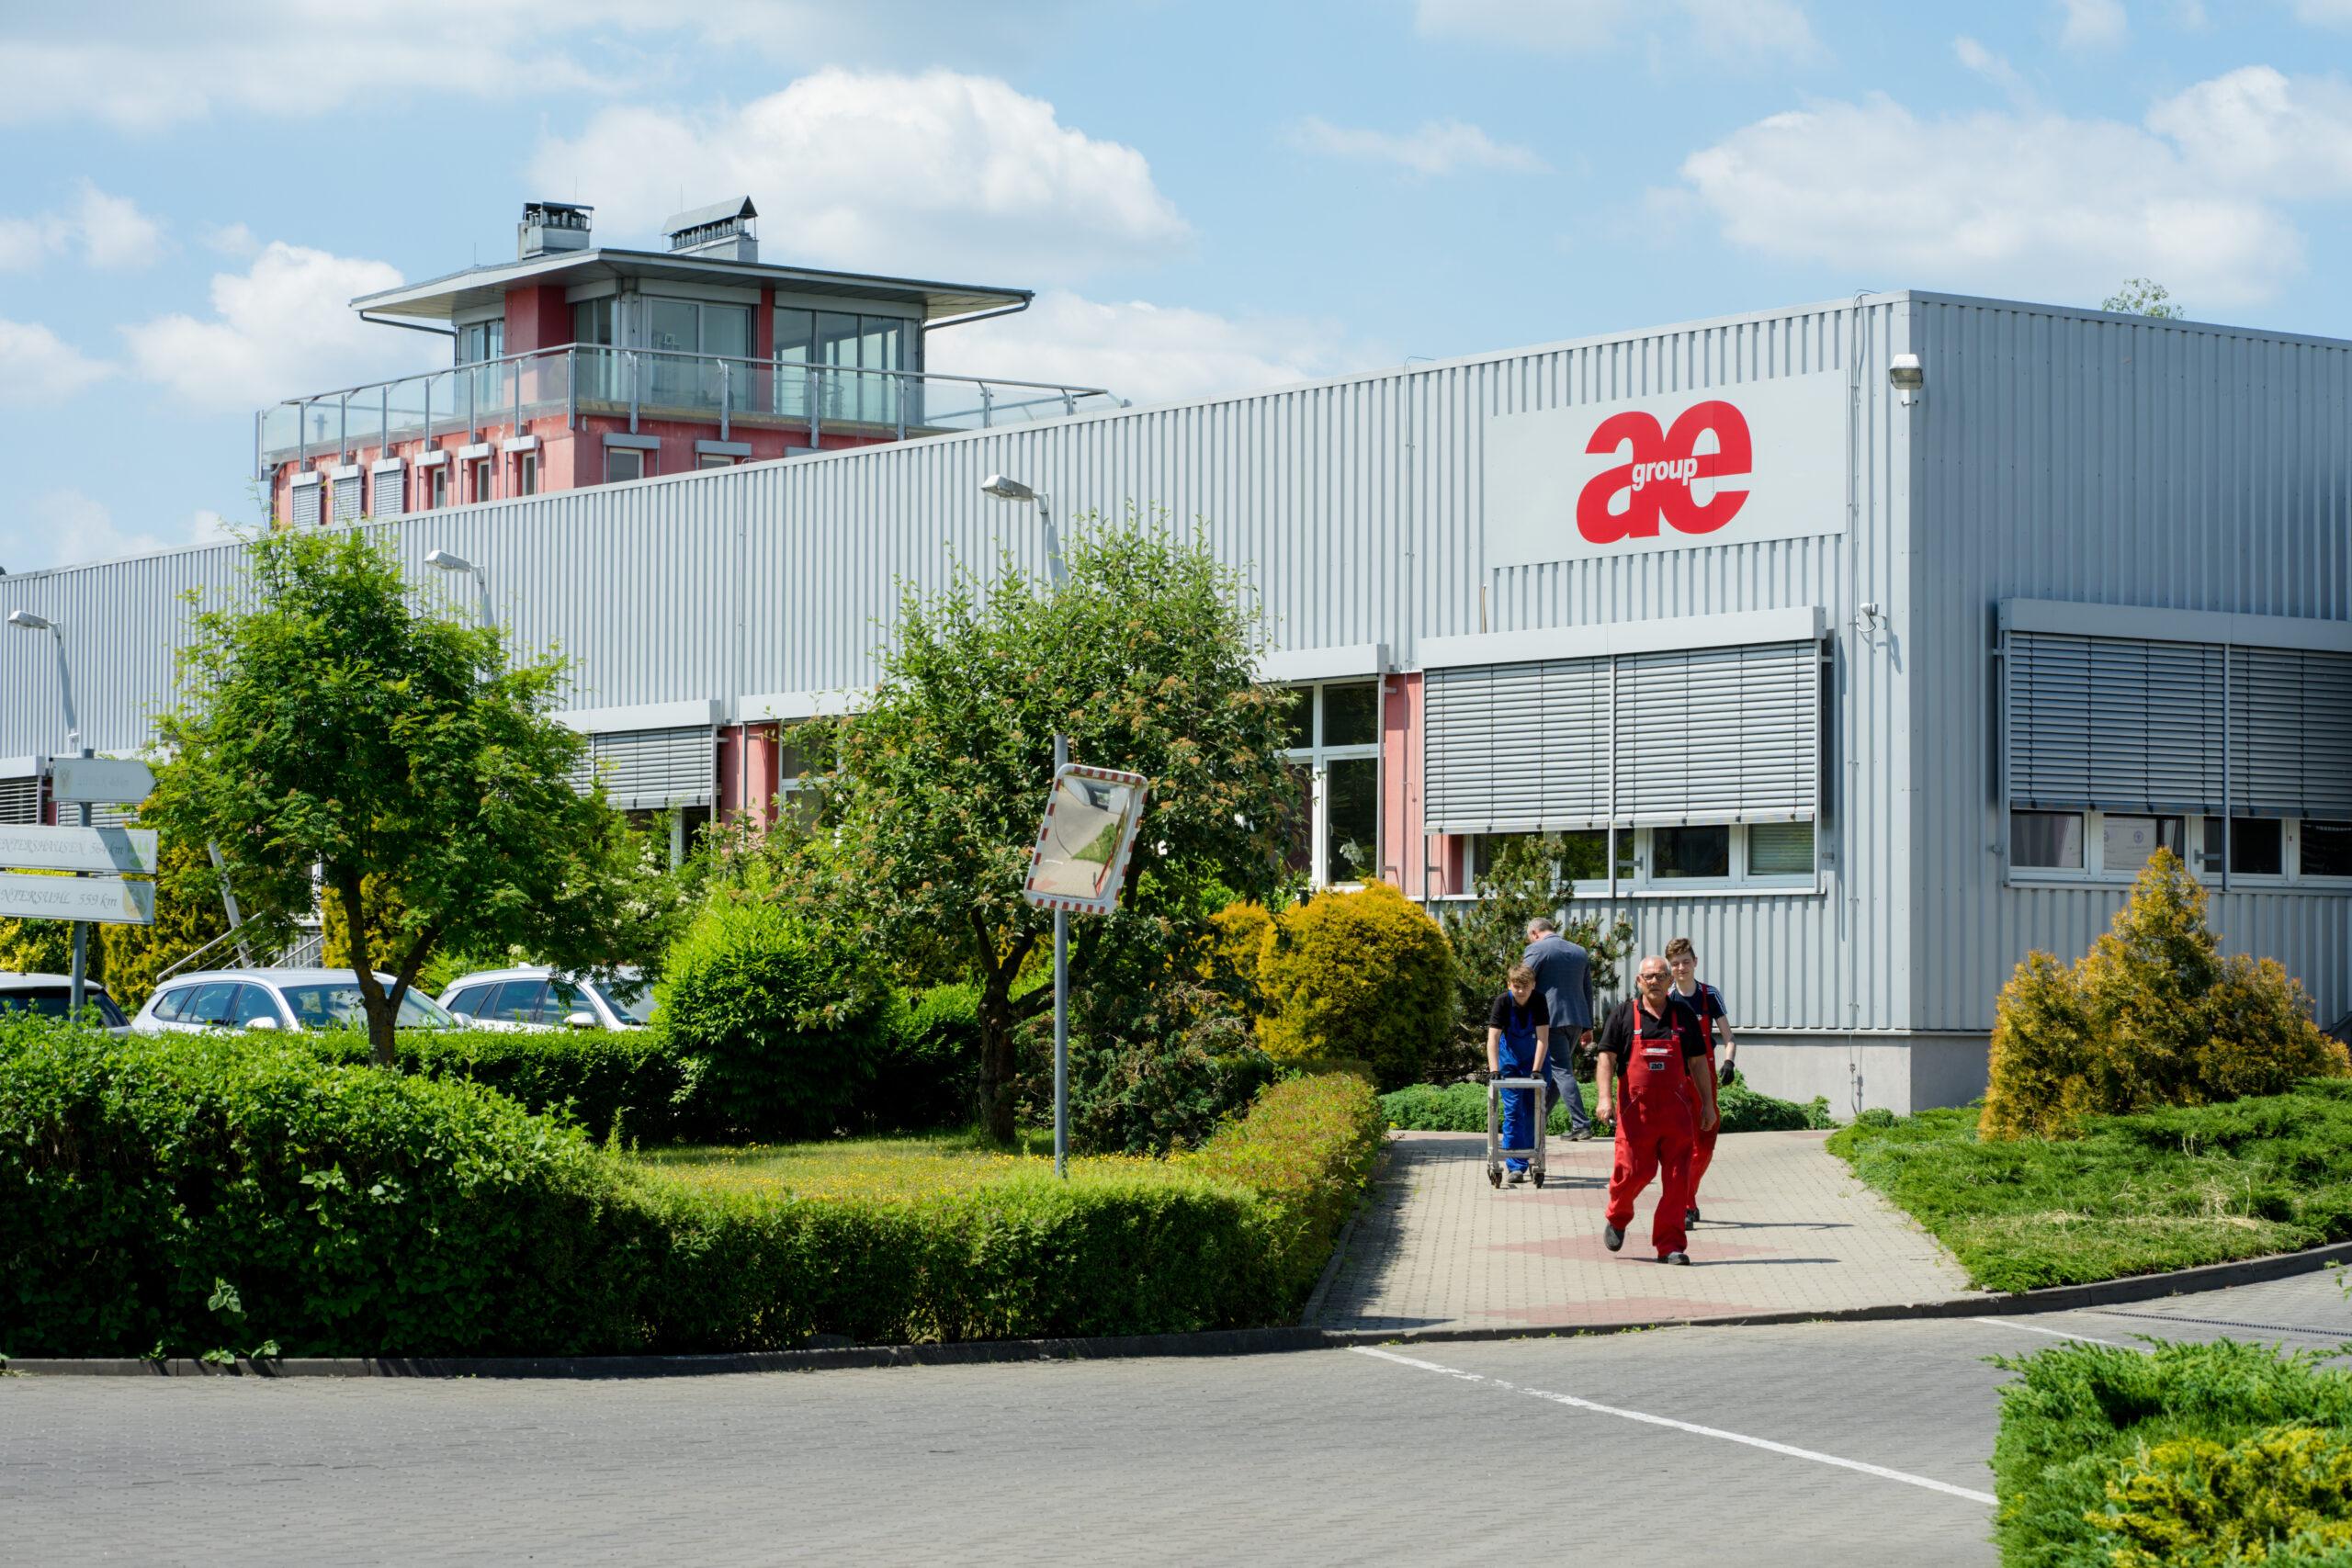 Siedziba firmy ae group w Strzelcach Krajeńskich